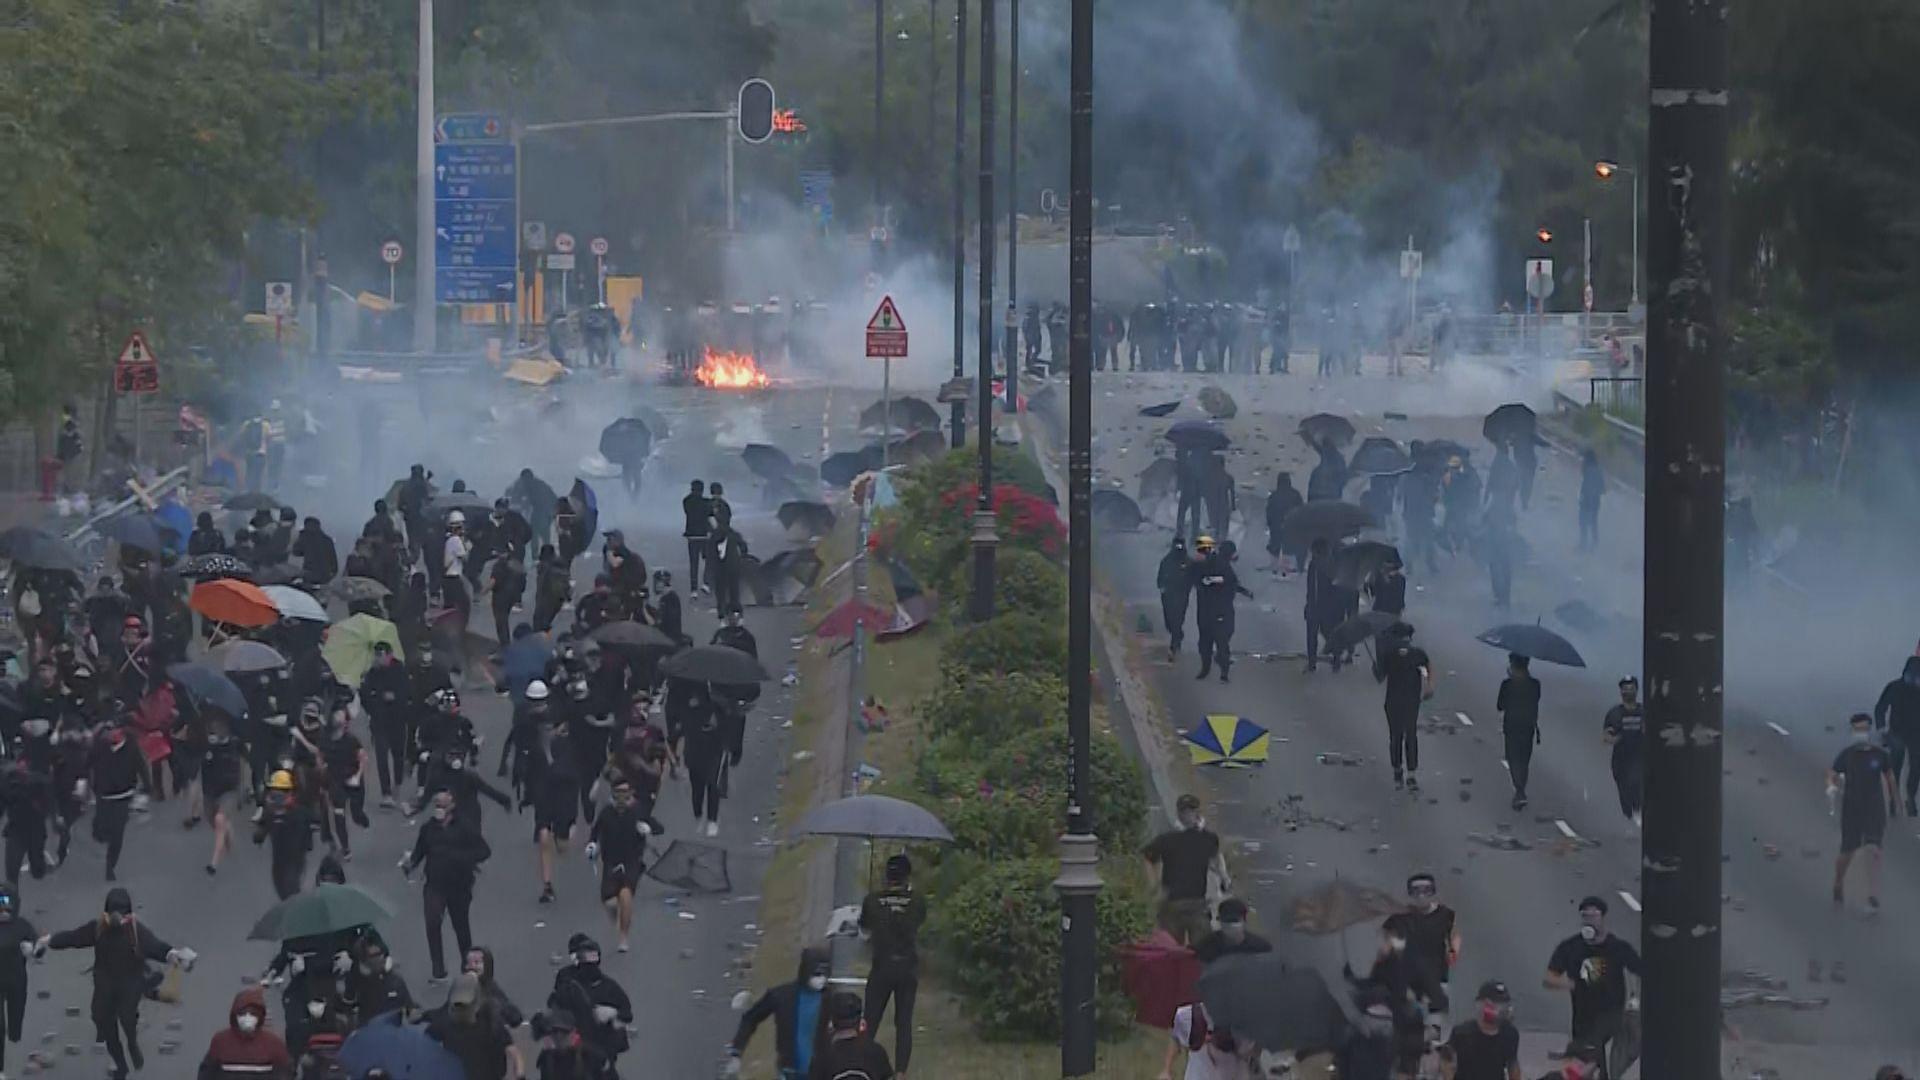 示威者大埔太和路縱火 防暴警放催淚彈